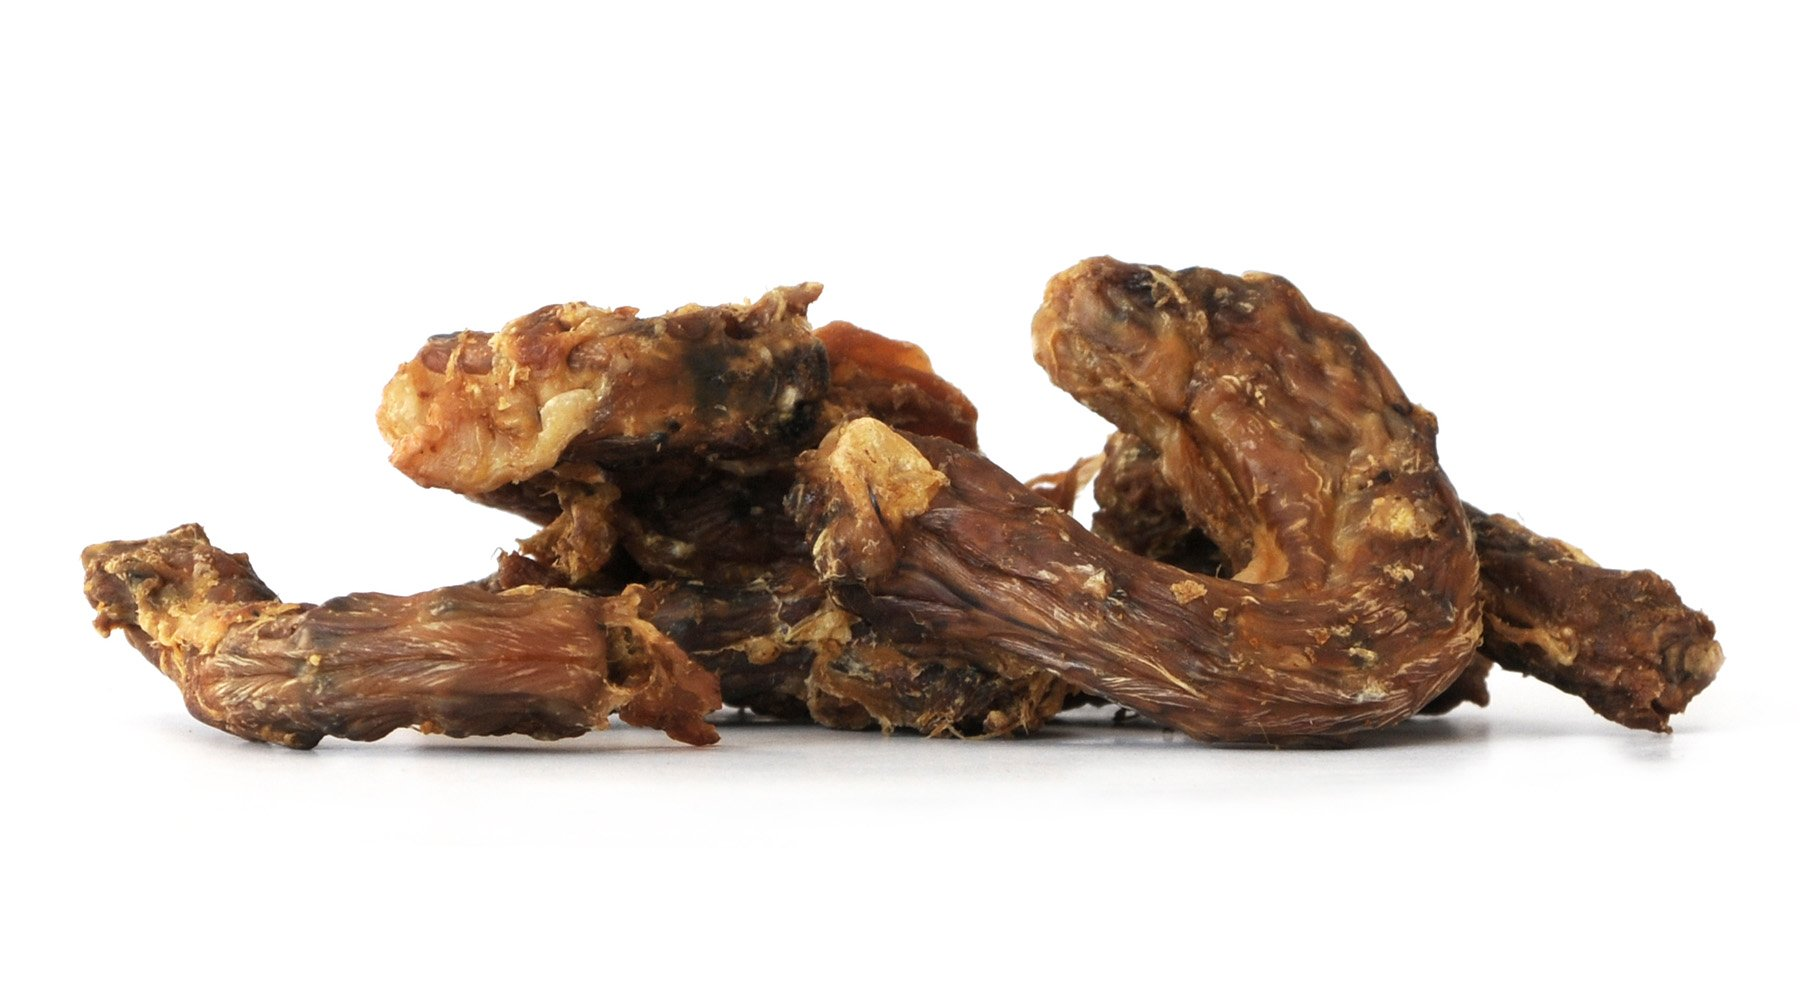 Tackenberg Bio-Hühnerhälse mit Haut, getrocknet 250g